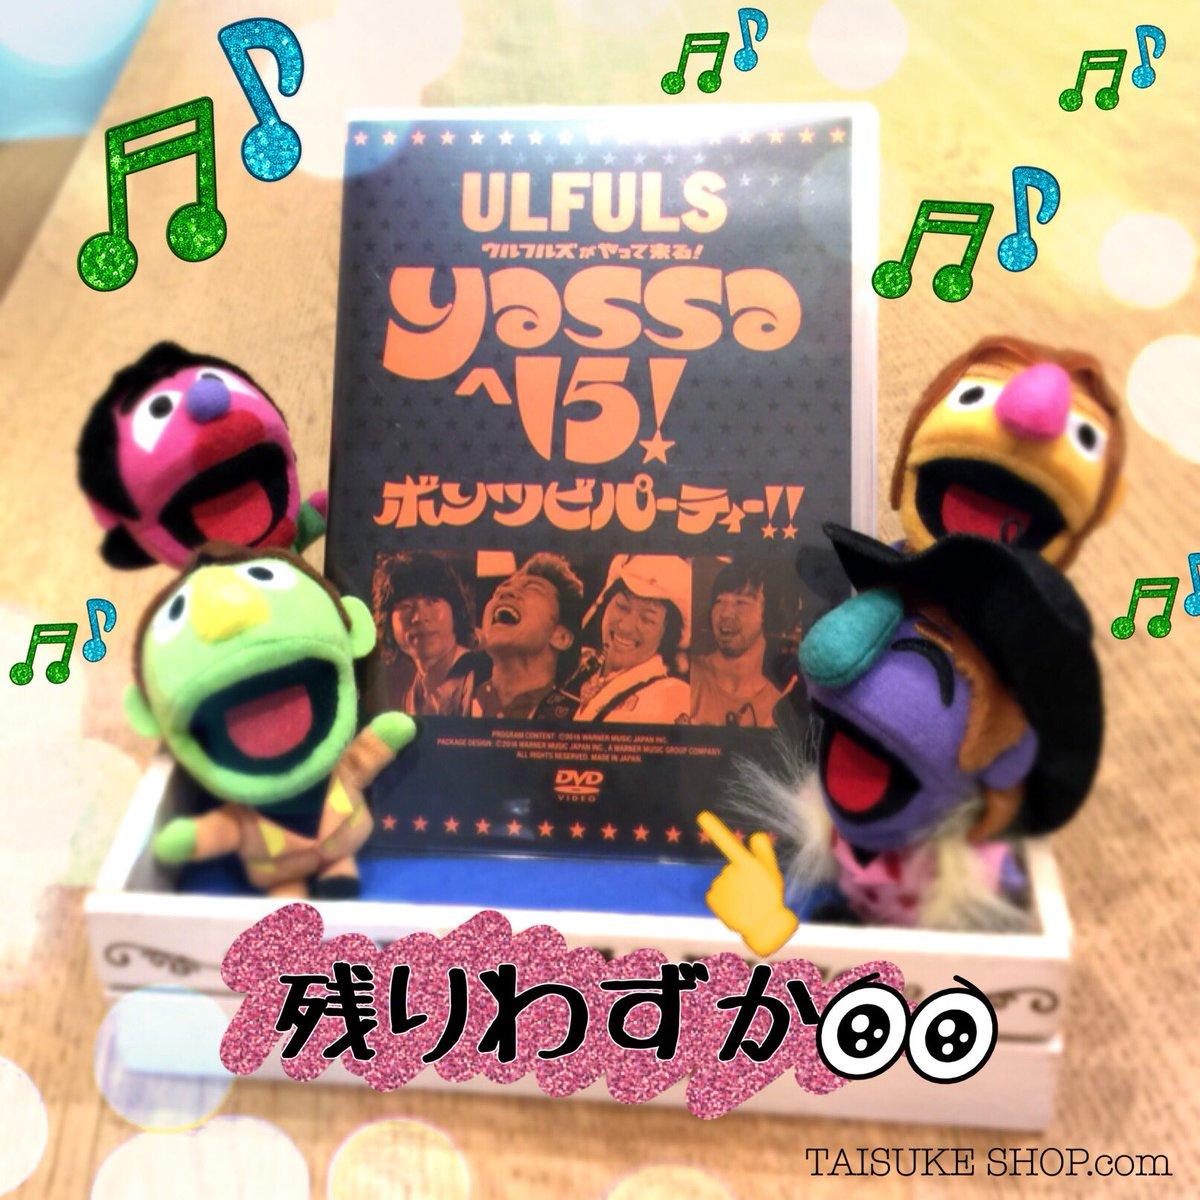 TAISUKE SHOPにて急遽追加販売中の『OSAKAウルフルカーニバル ウルフルズがやって来る!ヤッサヘ15!ボンツビパーティー!!』DVDは残りわずかです!! https://t.co/LYAFRaWJwj